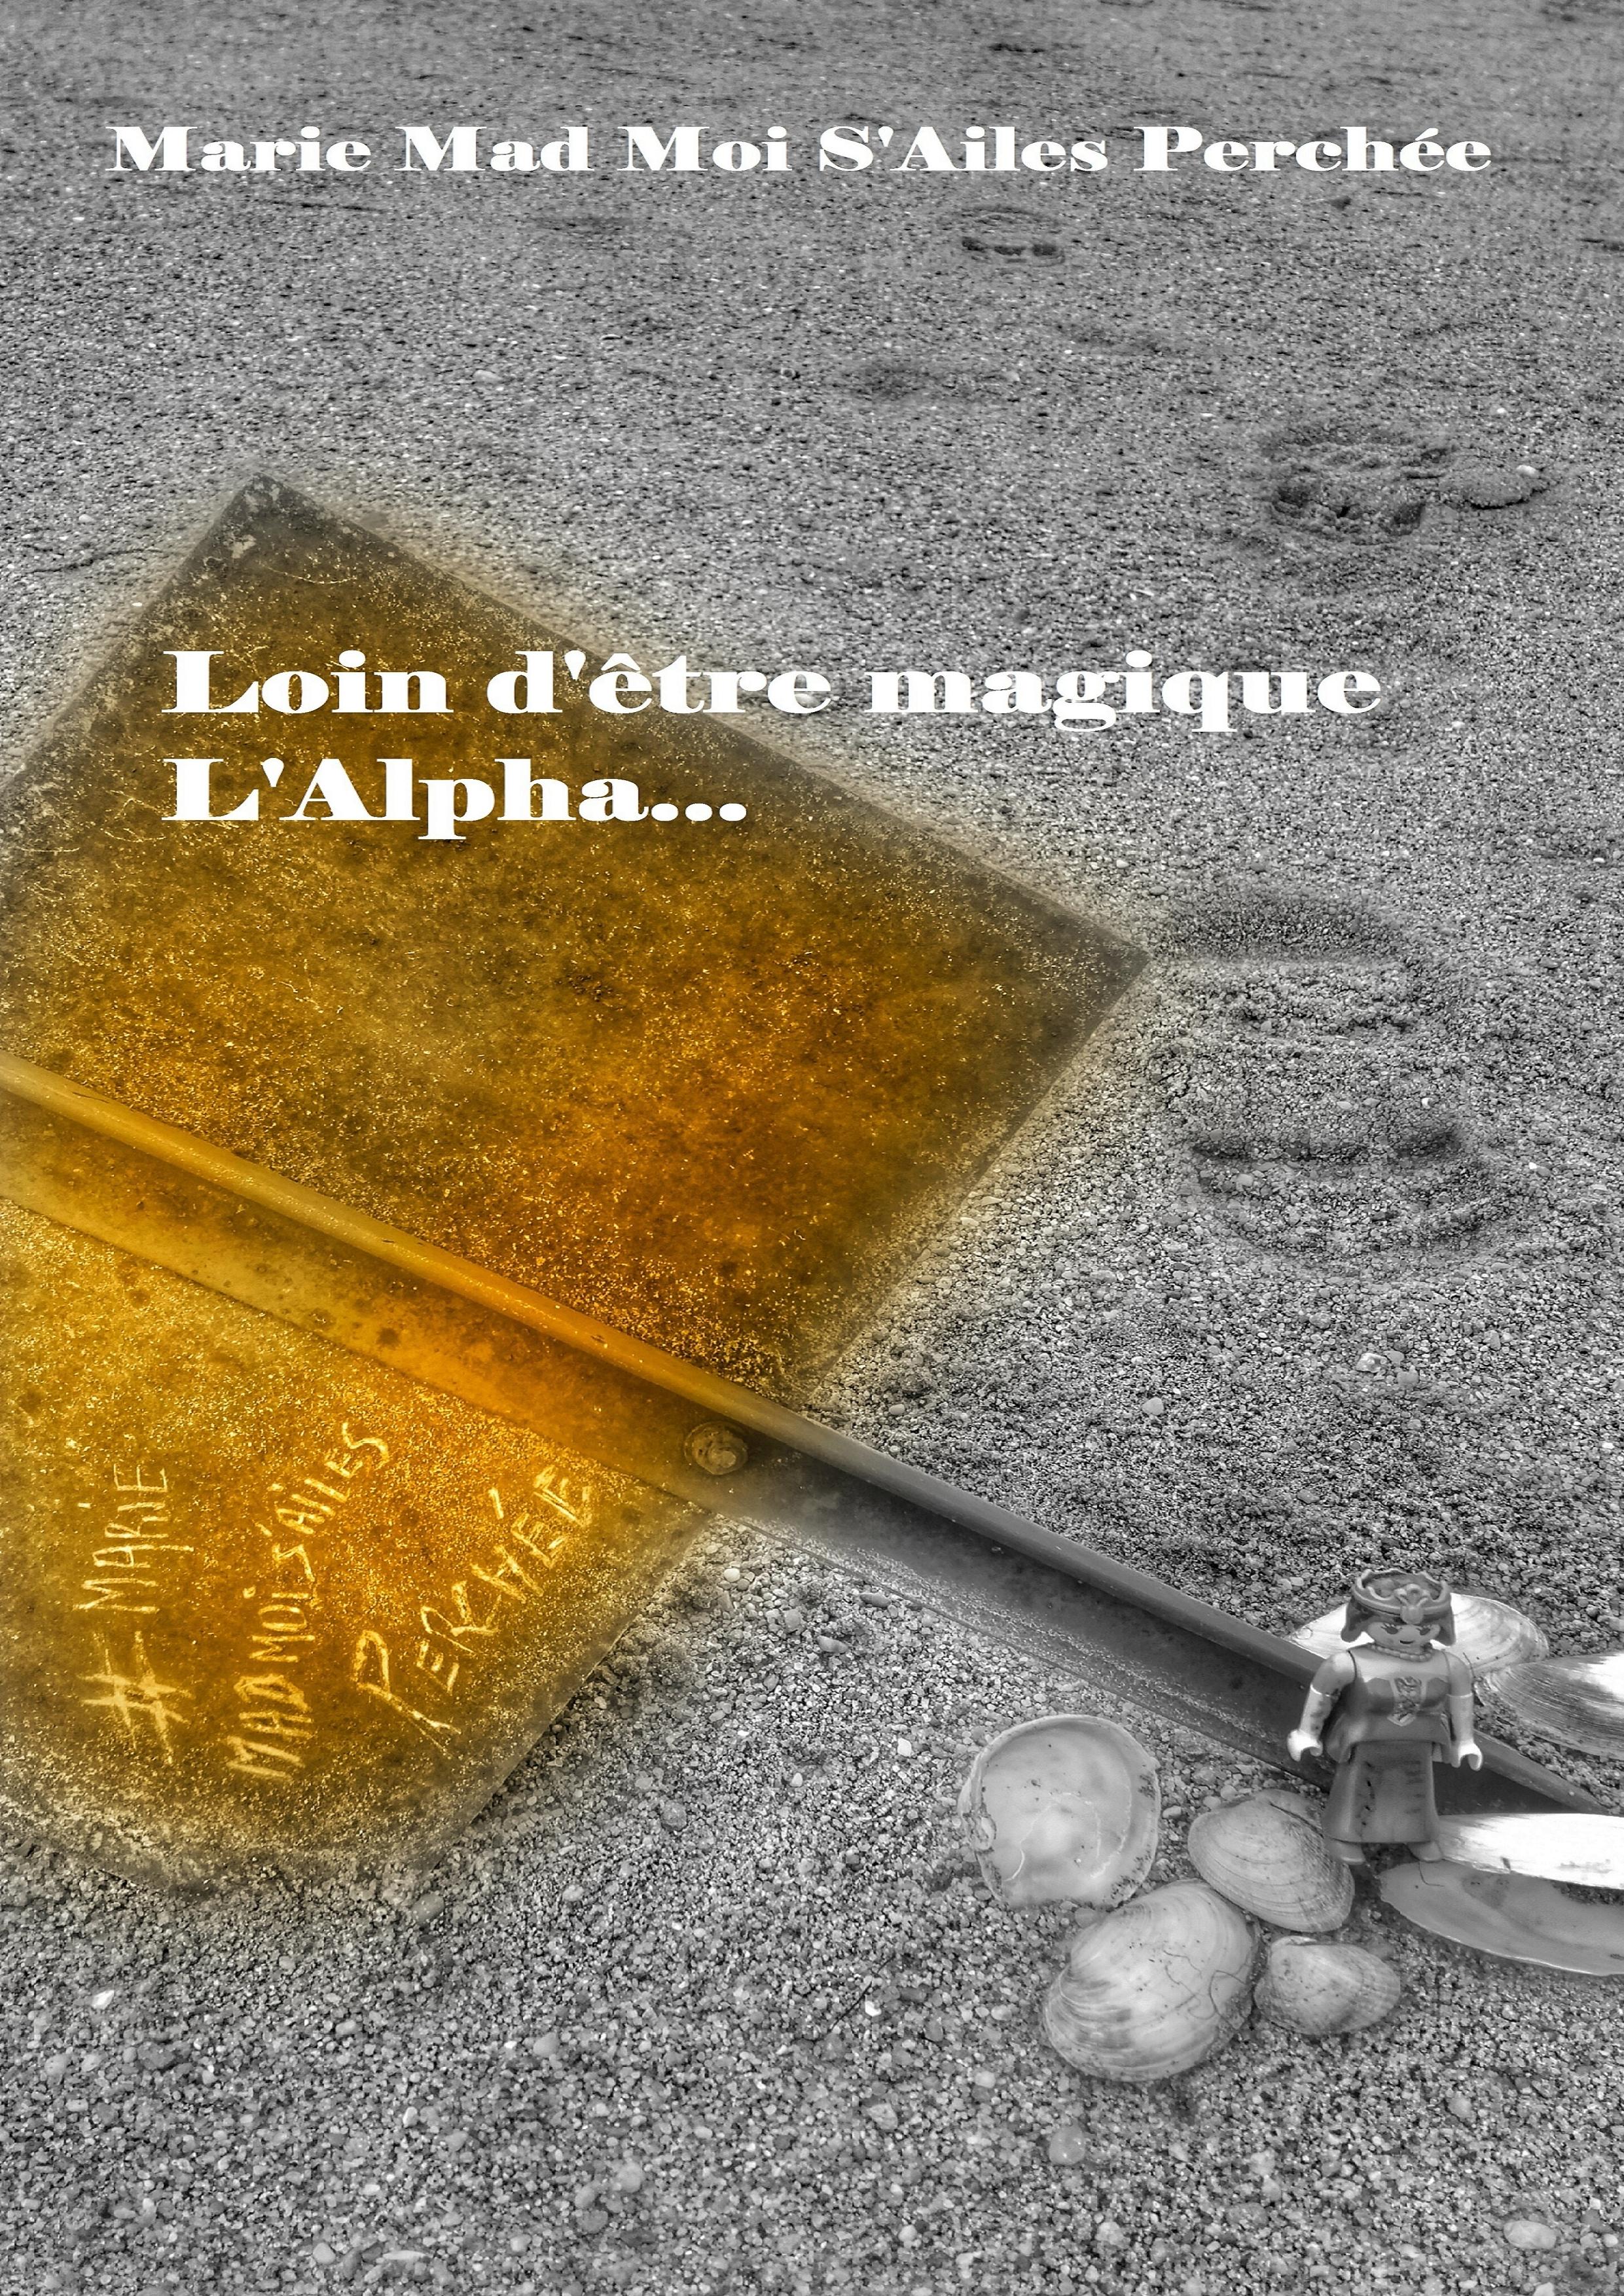 Loin d'être magique l'Alpha...